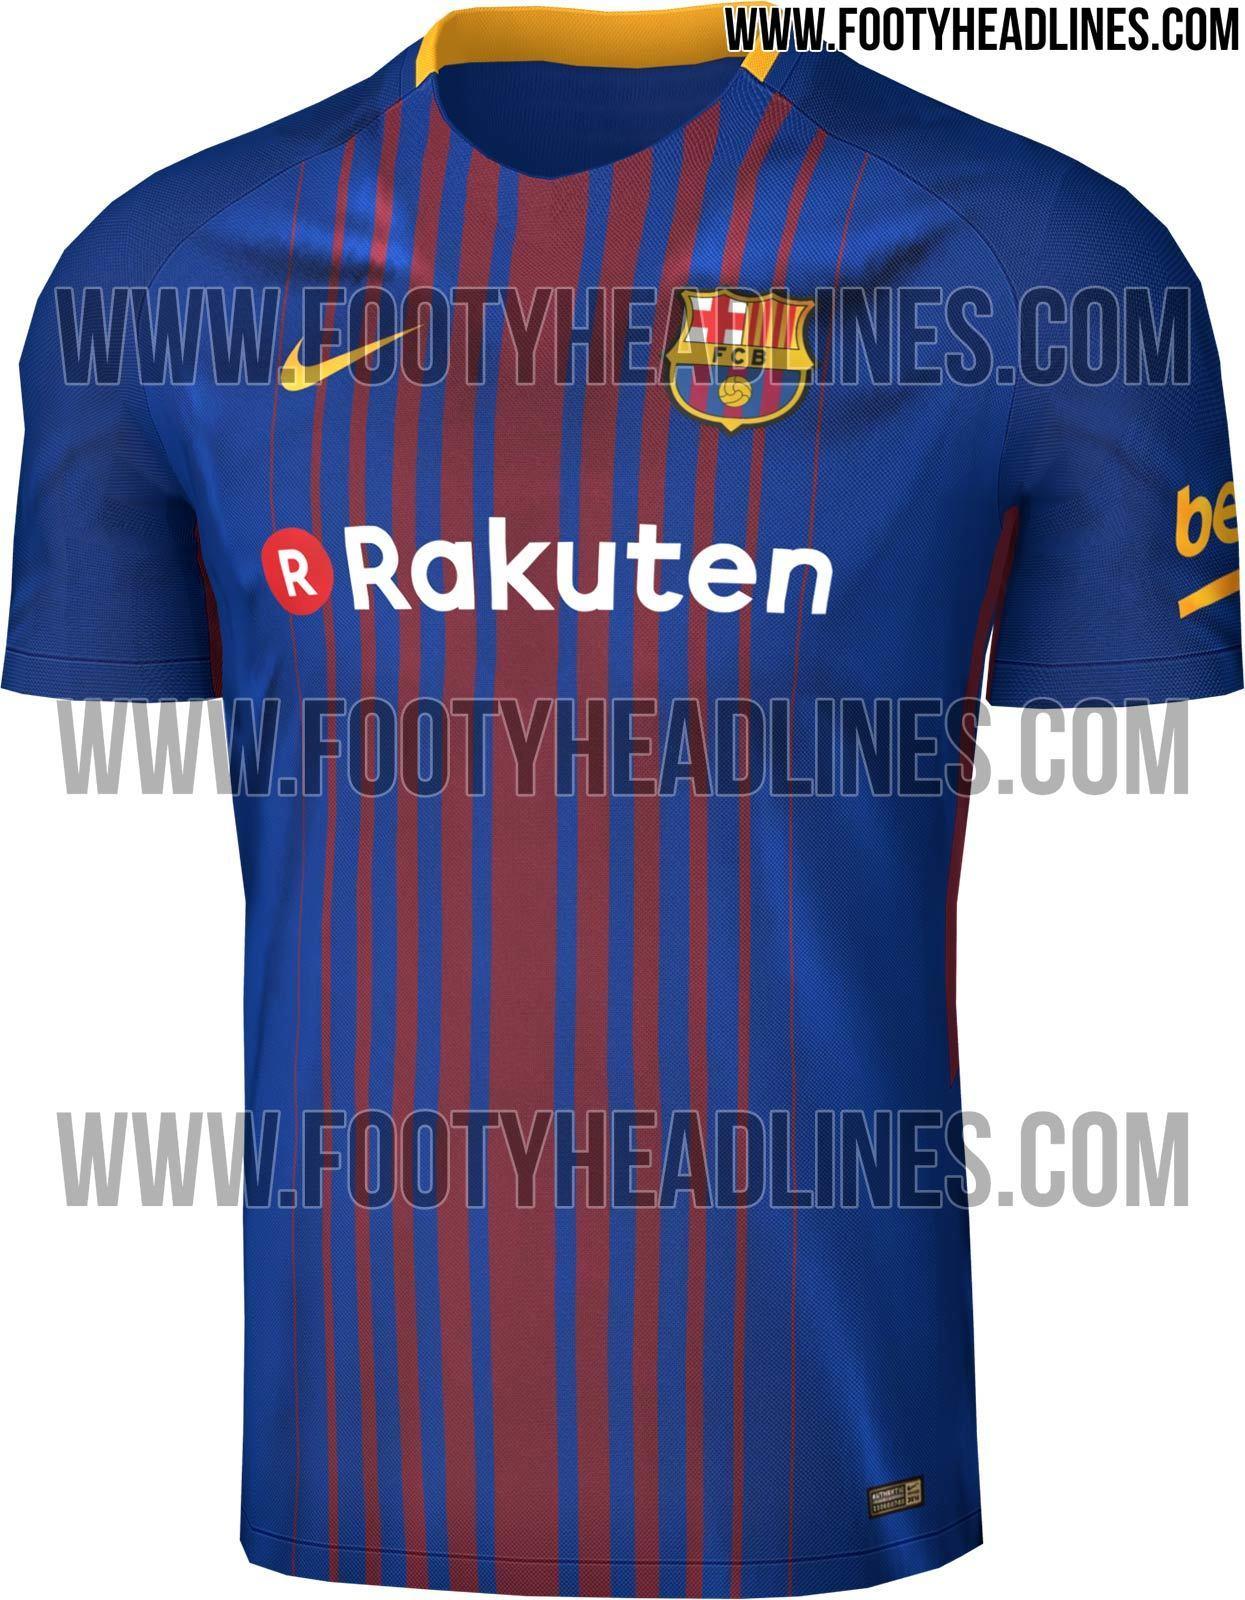 Barcelona-2017-18-home-kit-leaked.jpg